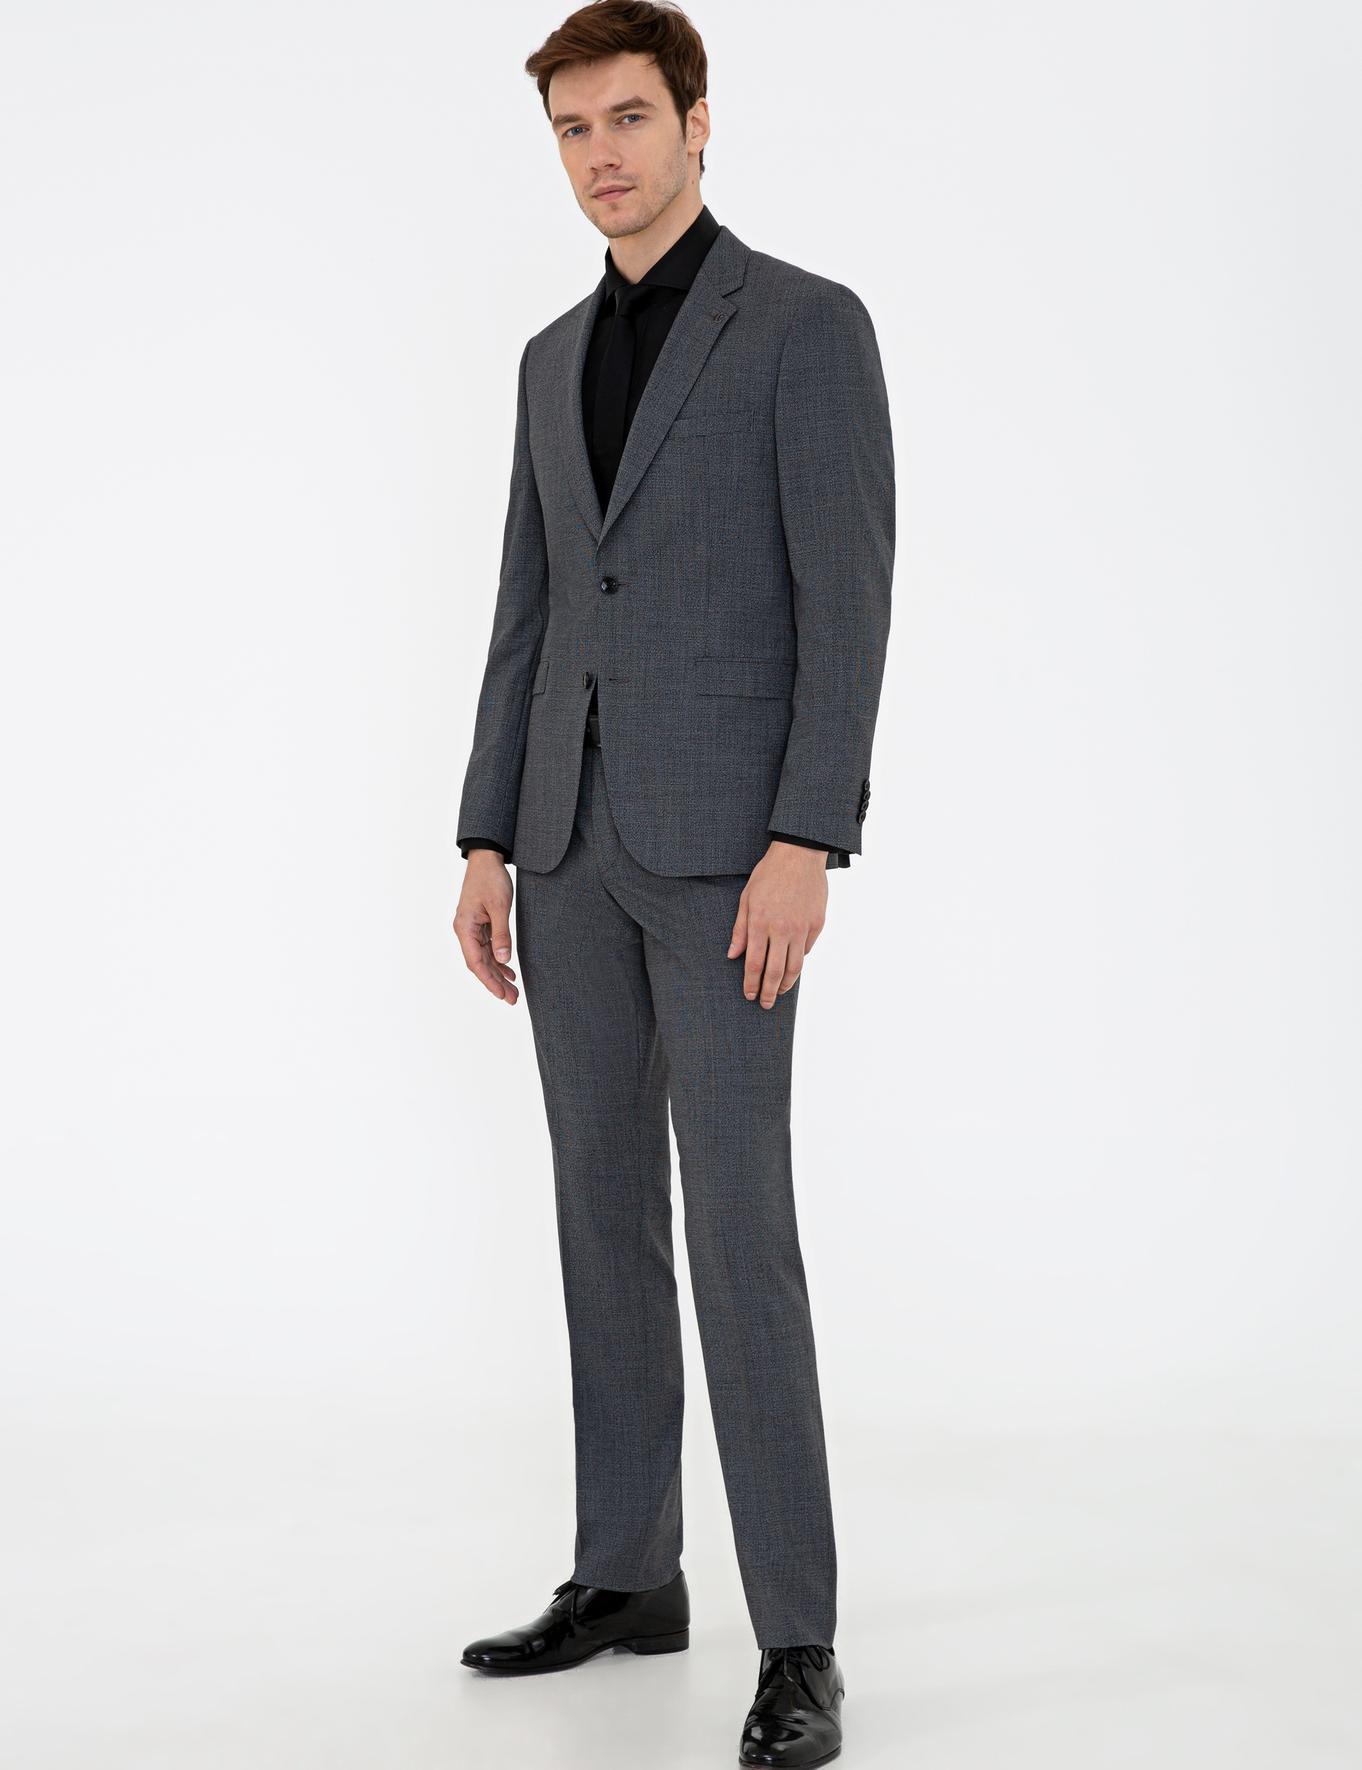 Siyah Slim Fit Takım Elbise - 50236635011